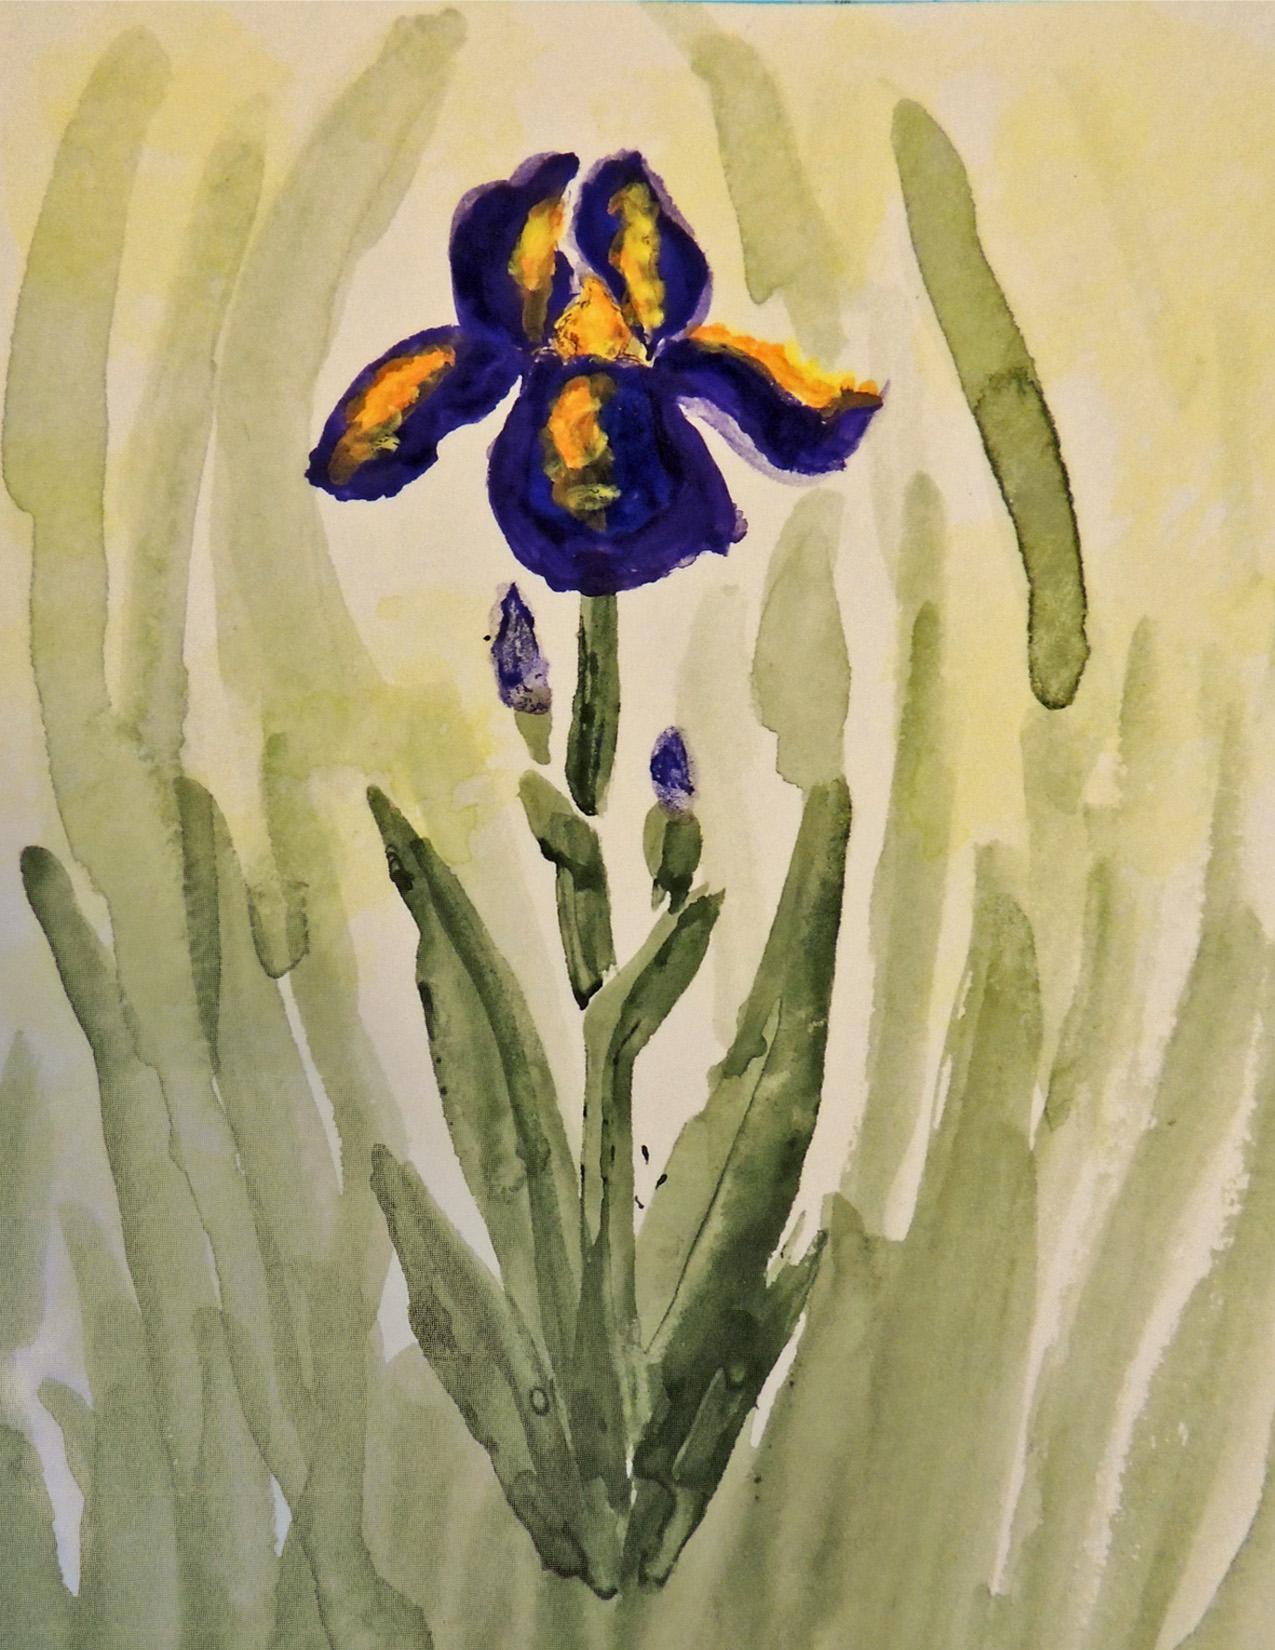 Flower-lynsie